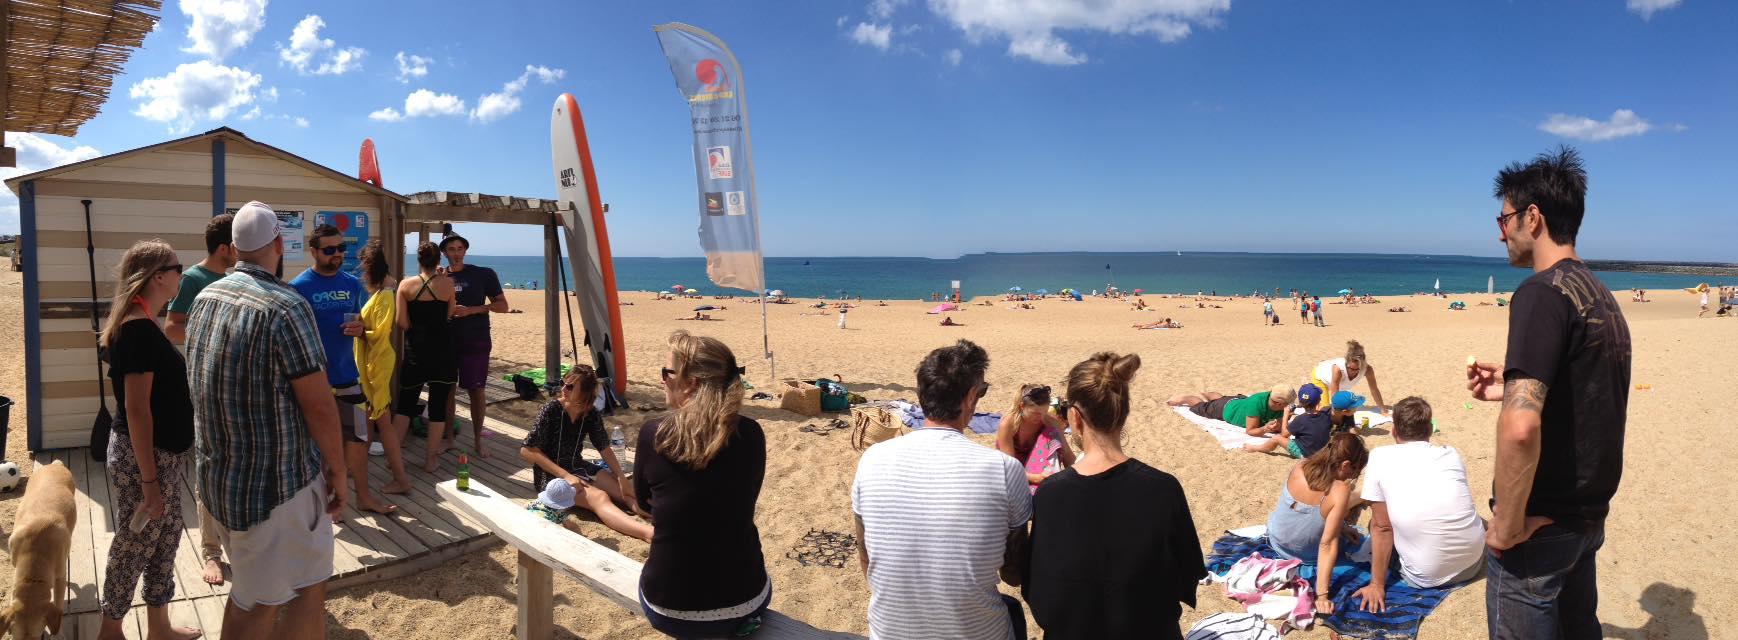 Ambiance-école-de-surf-anglet